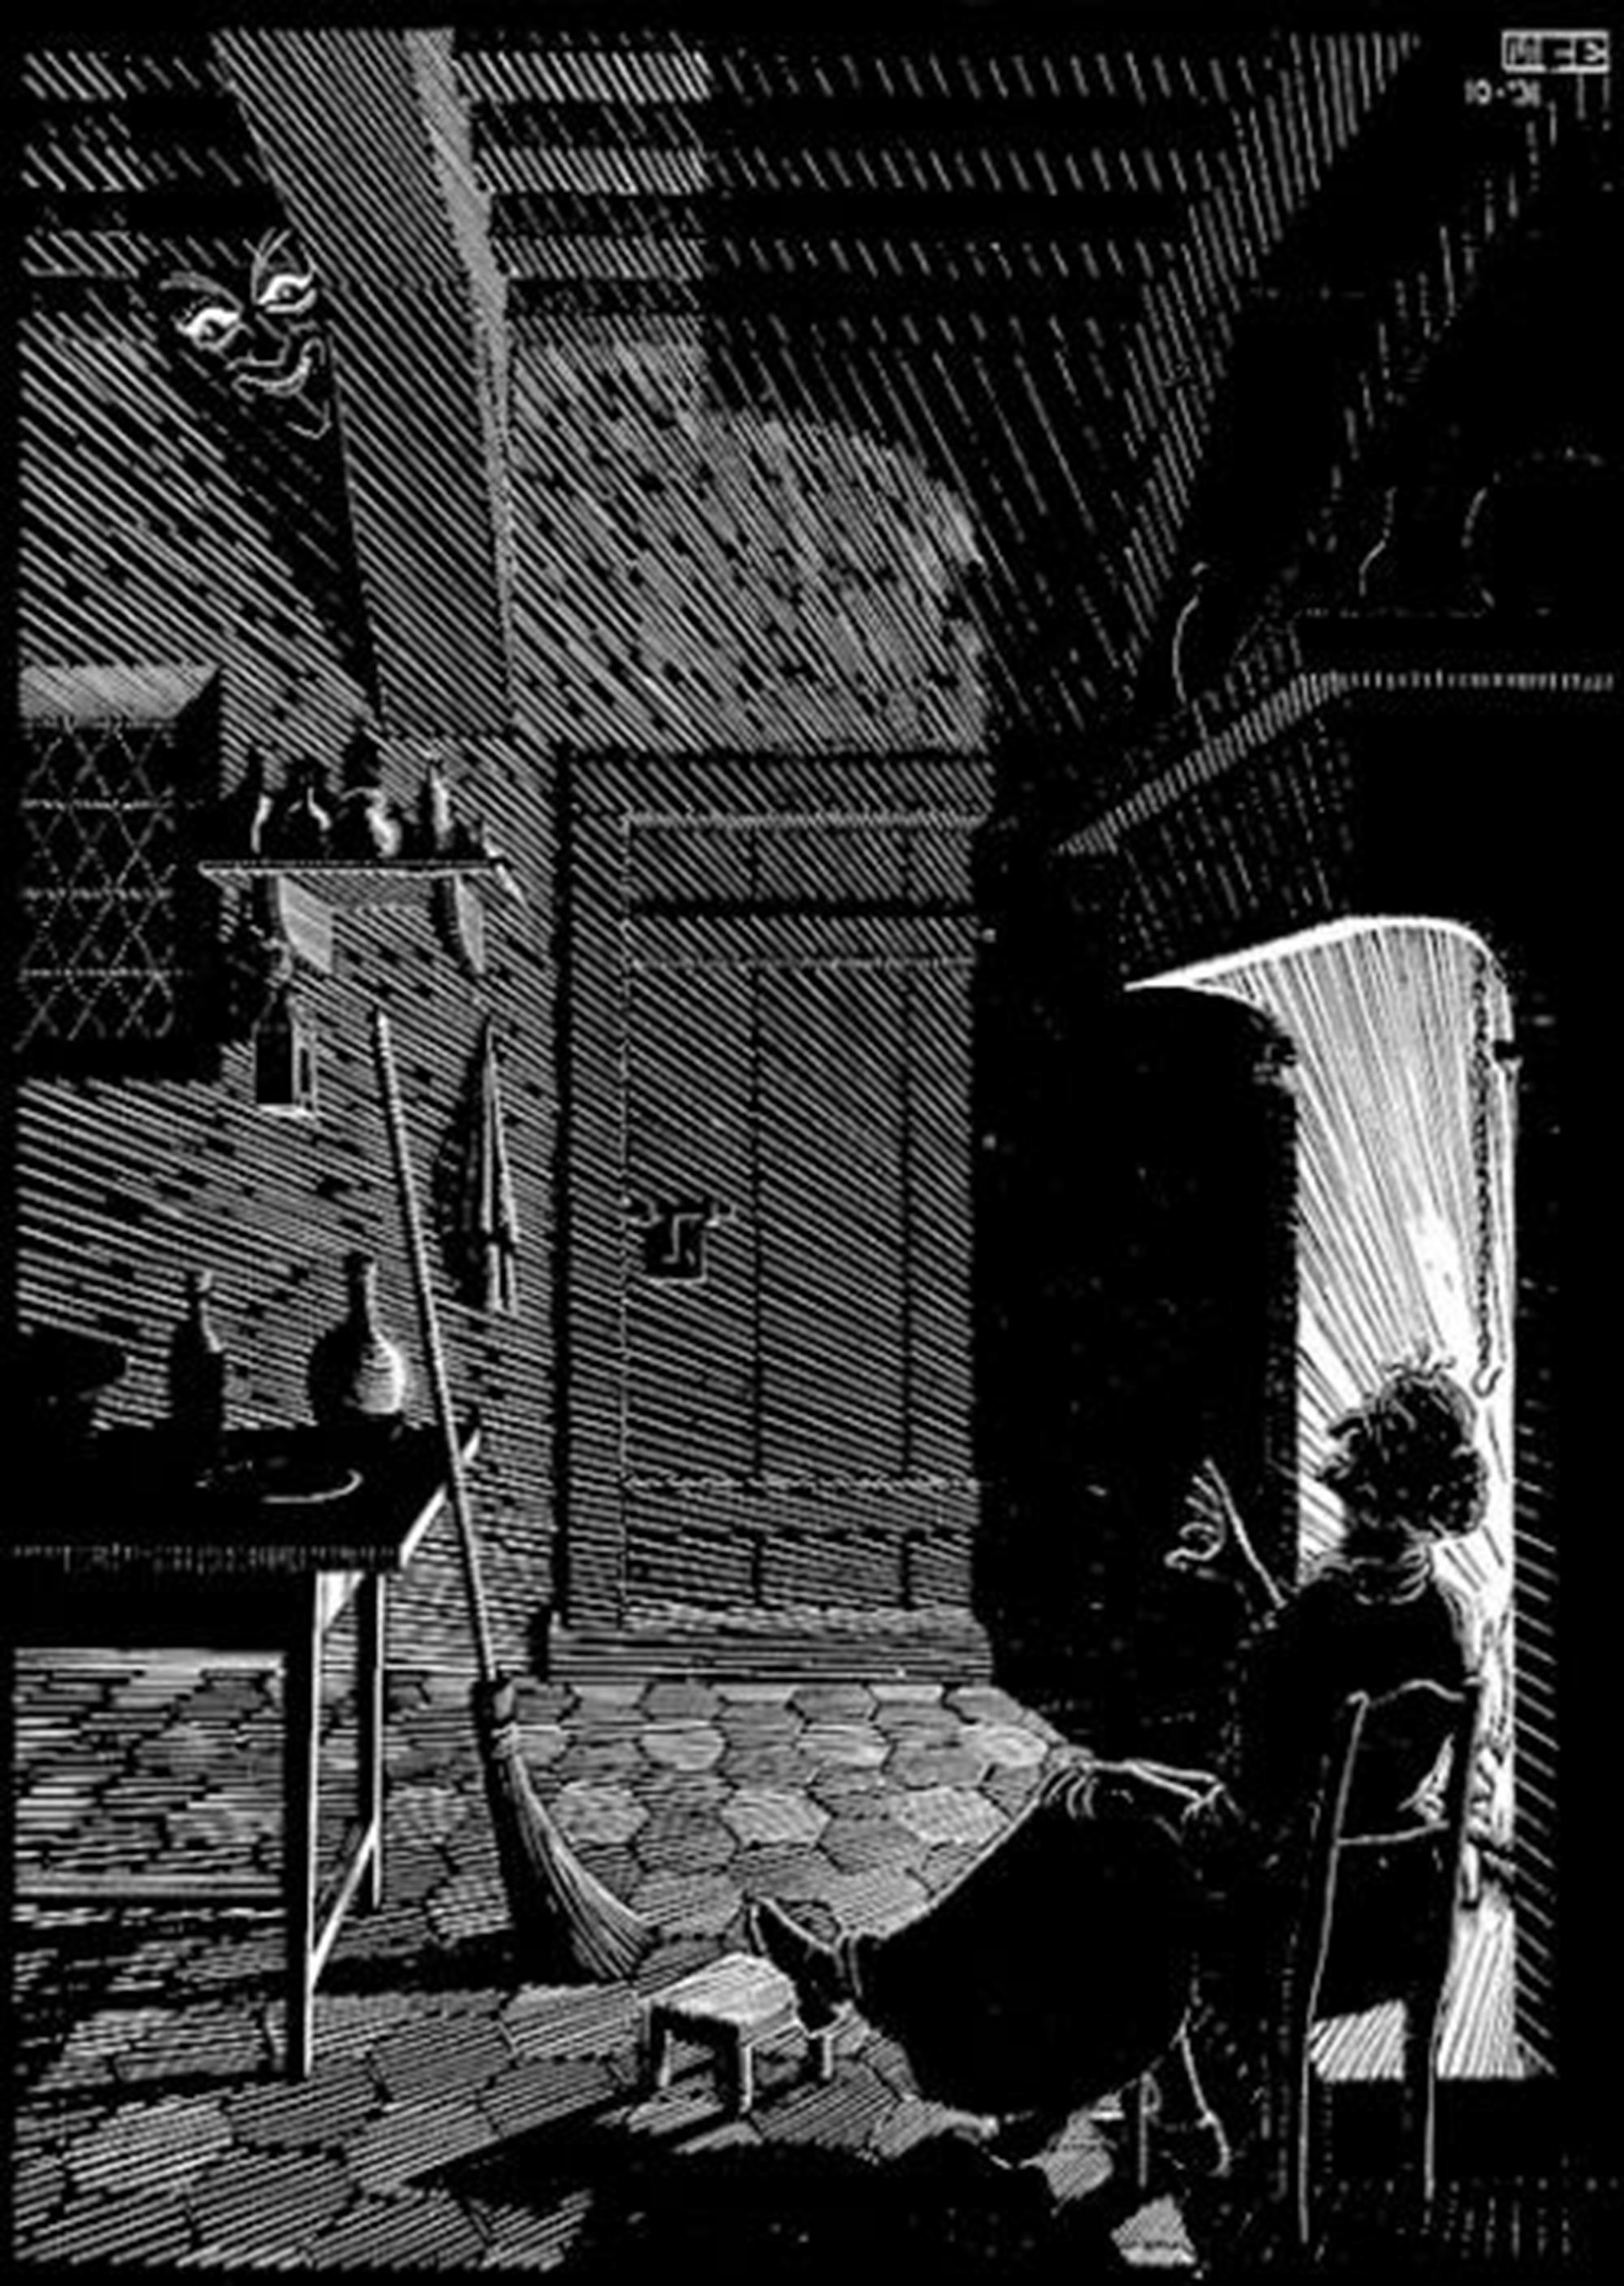 Scholastica (Poltergeist) by M.C. Escher